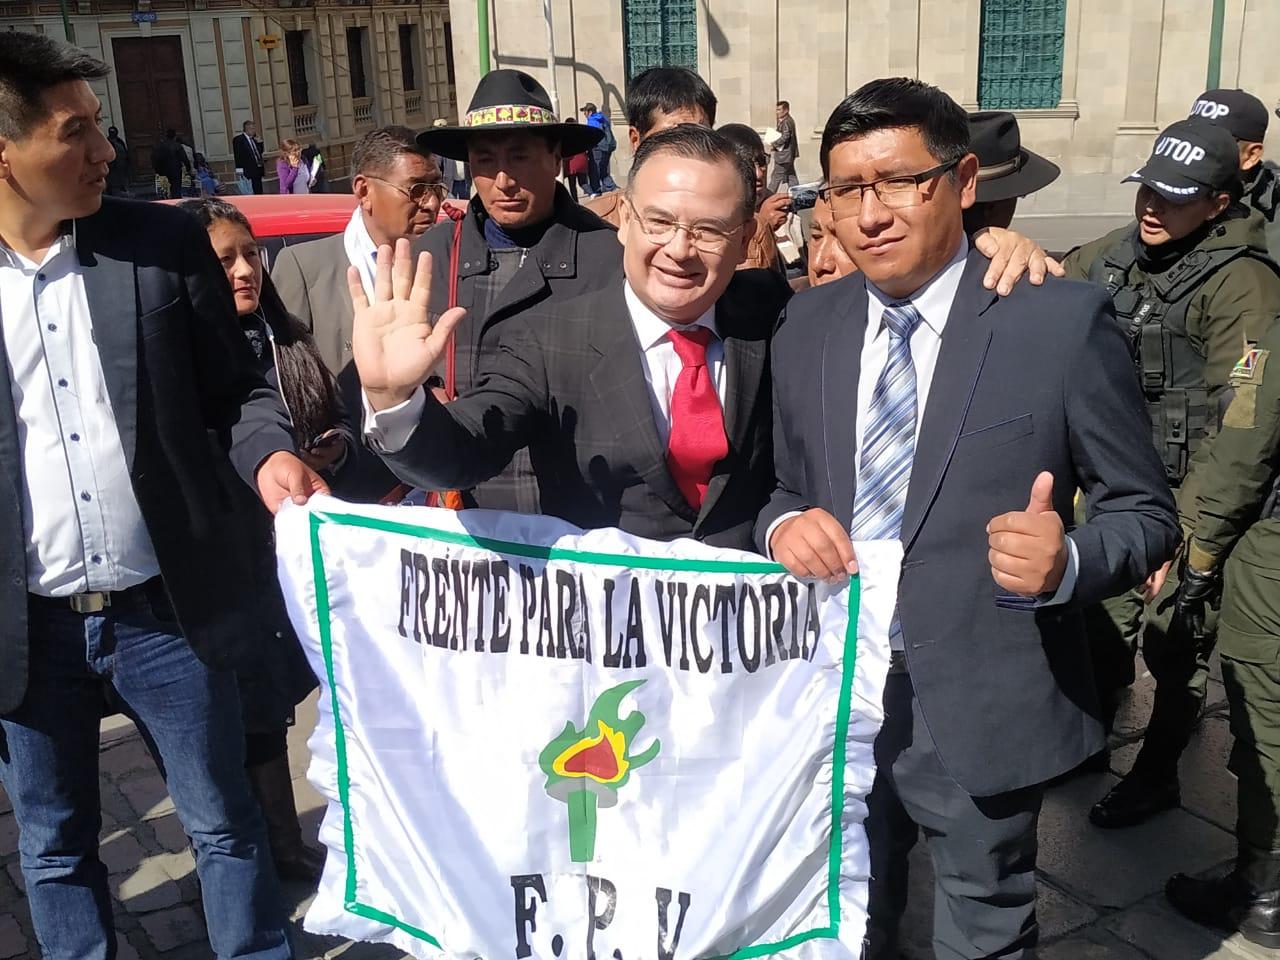 FPV presenta a su candidato a la vicepresidencia para las elecciones de octubre